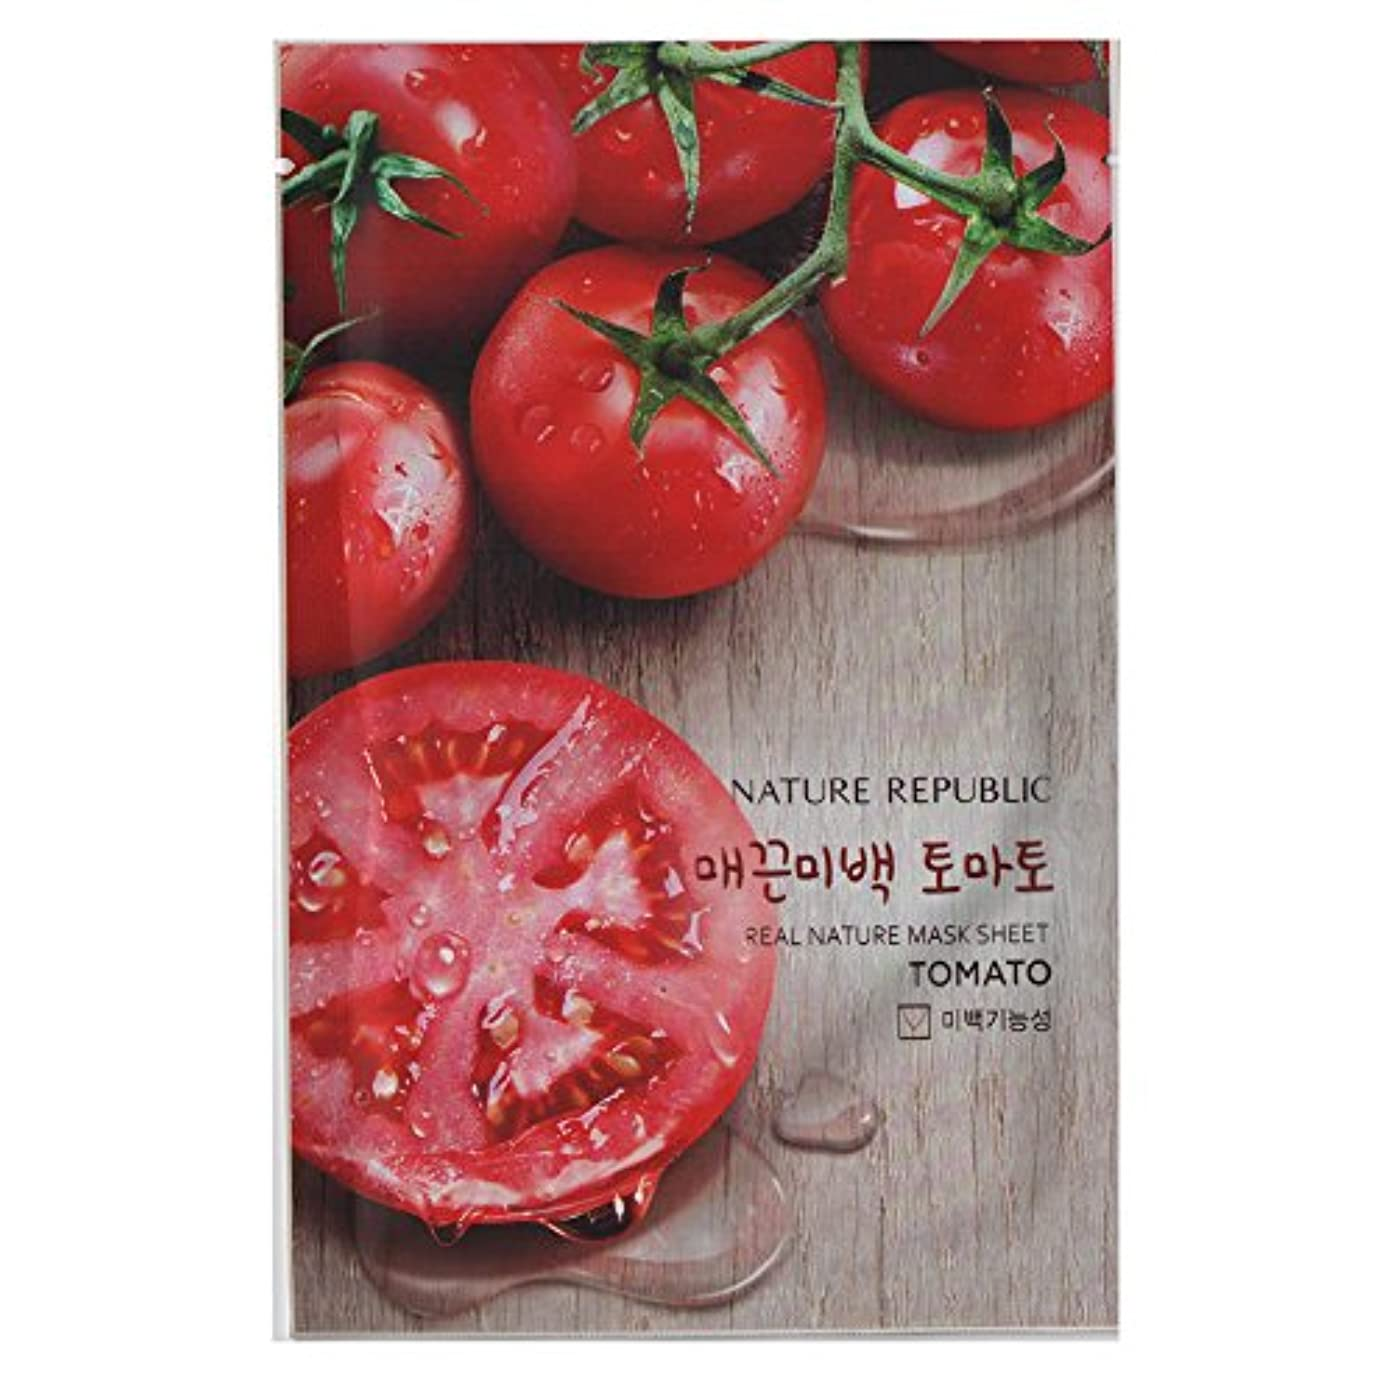 花嫁克服する体系的に[NATURE REPUBLIC] リアルネイチャー マスクシート Real Nature Mask Sheet (Tomato (トマト) 10個) [並行輸入品]